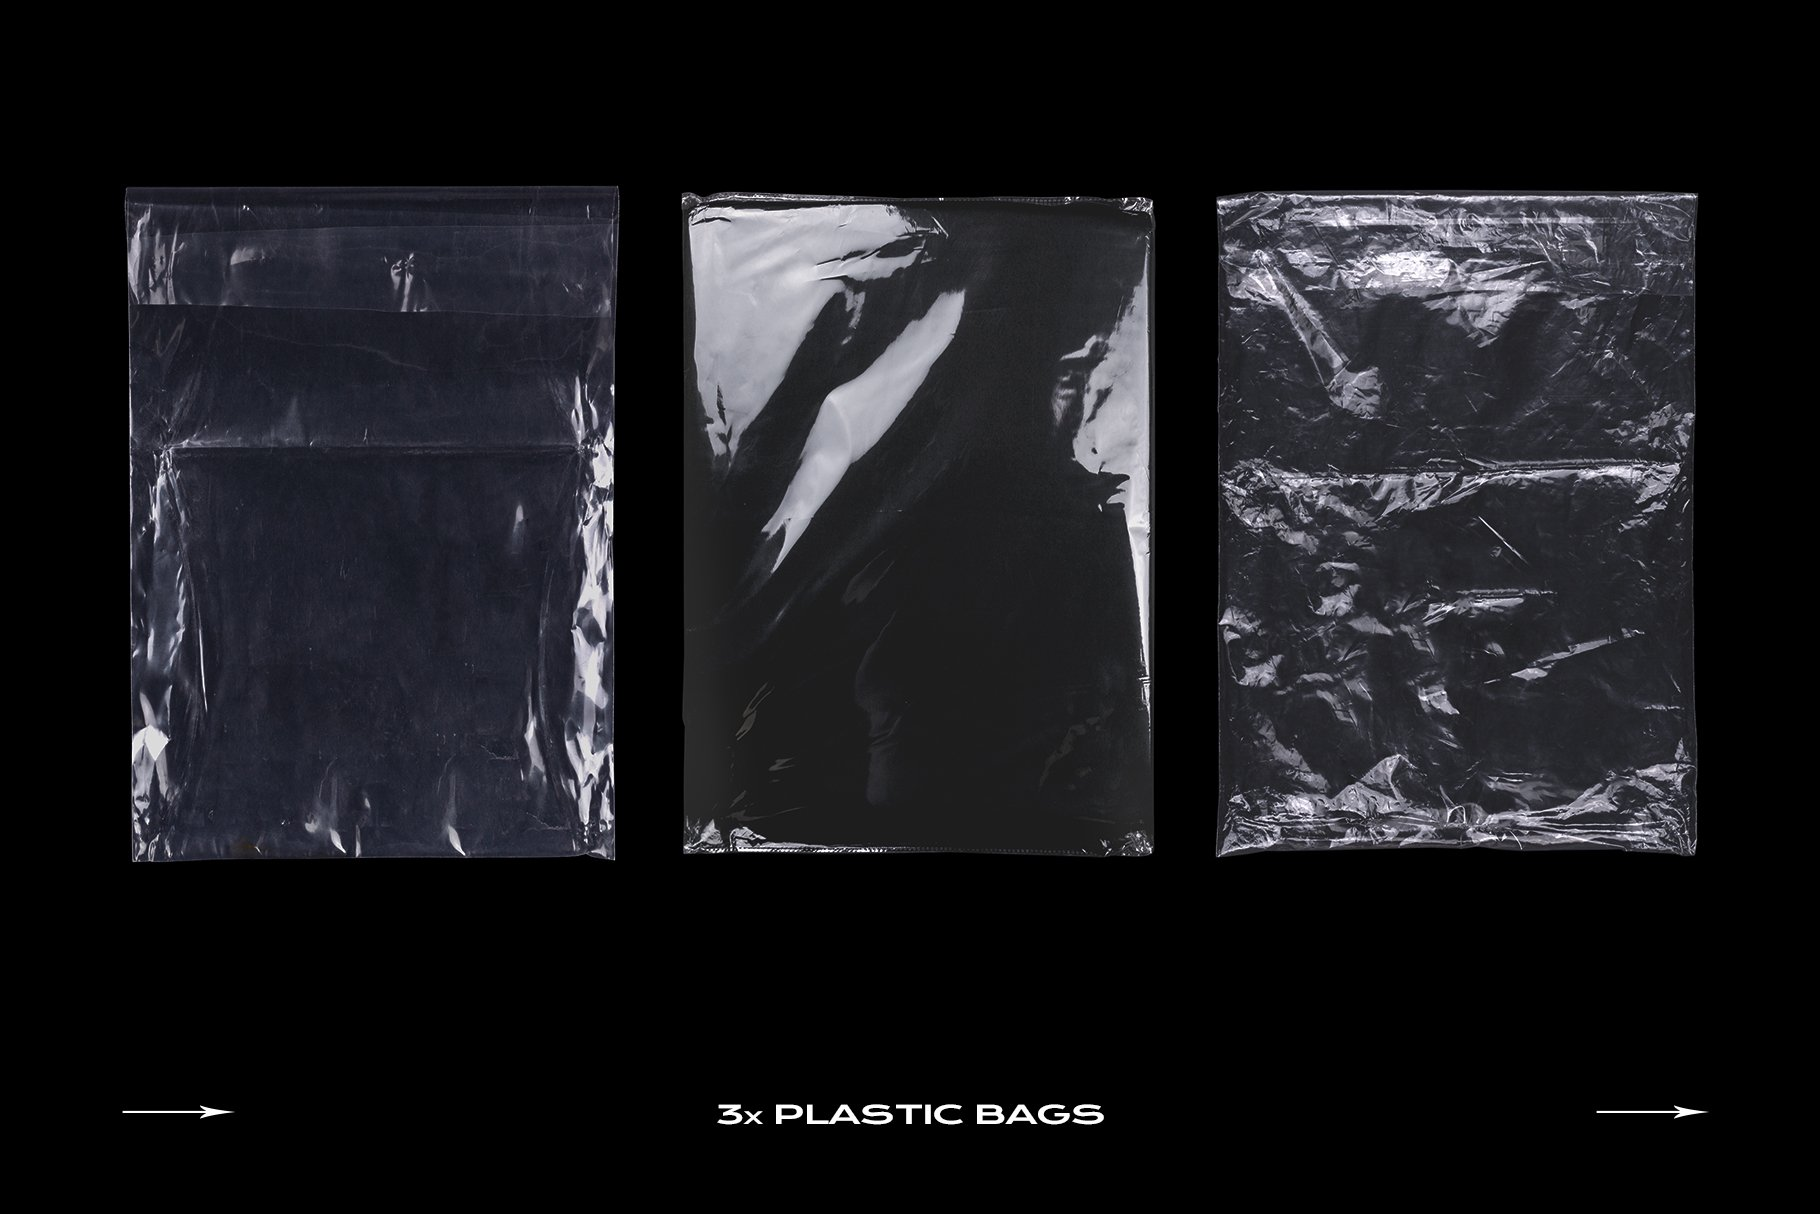 [淘宝购买] 60个DVD光盘包装盒塑料袋塑料膜贴纸样机PS设计素材 DVD Case Mockup Template Bundle Disc插图(21)